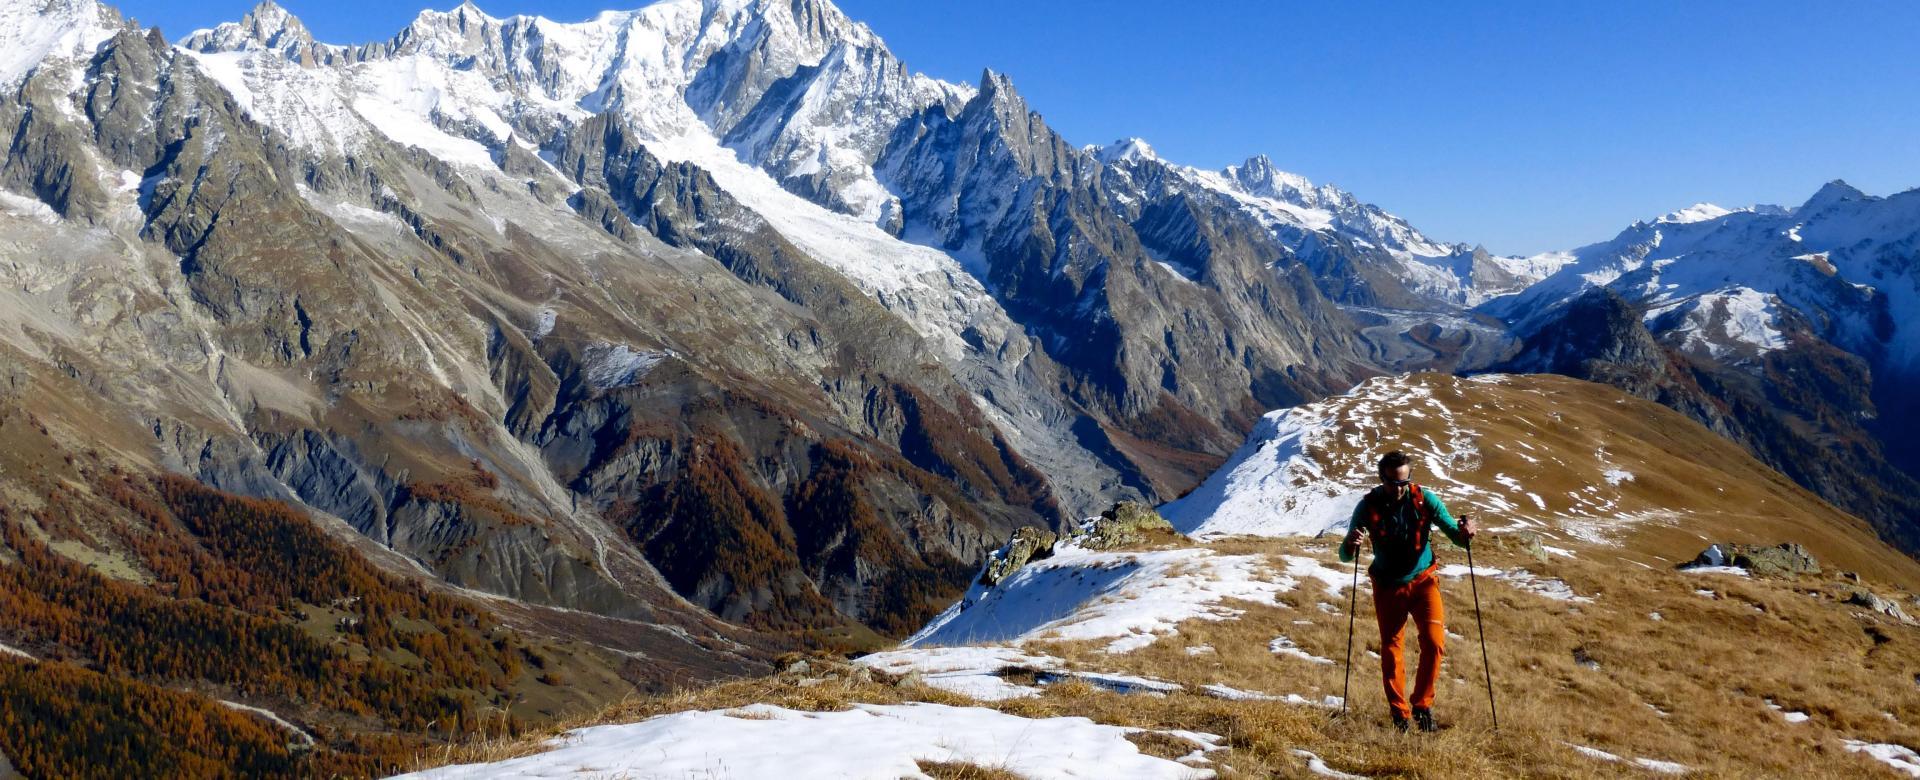 Voyage à pied : Tour du mont-blanc d'altitude en liberté